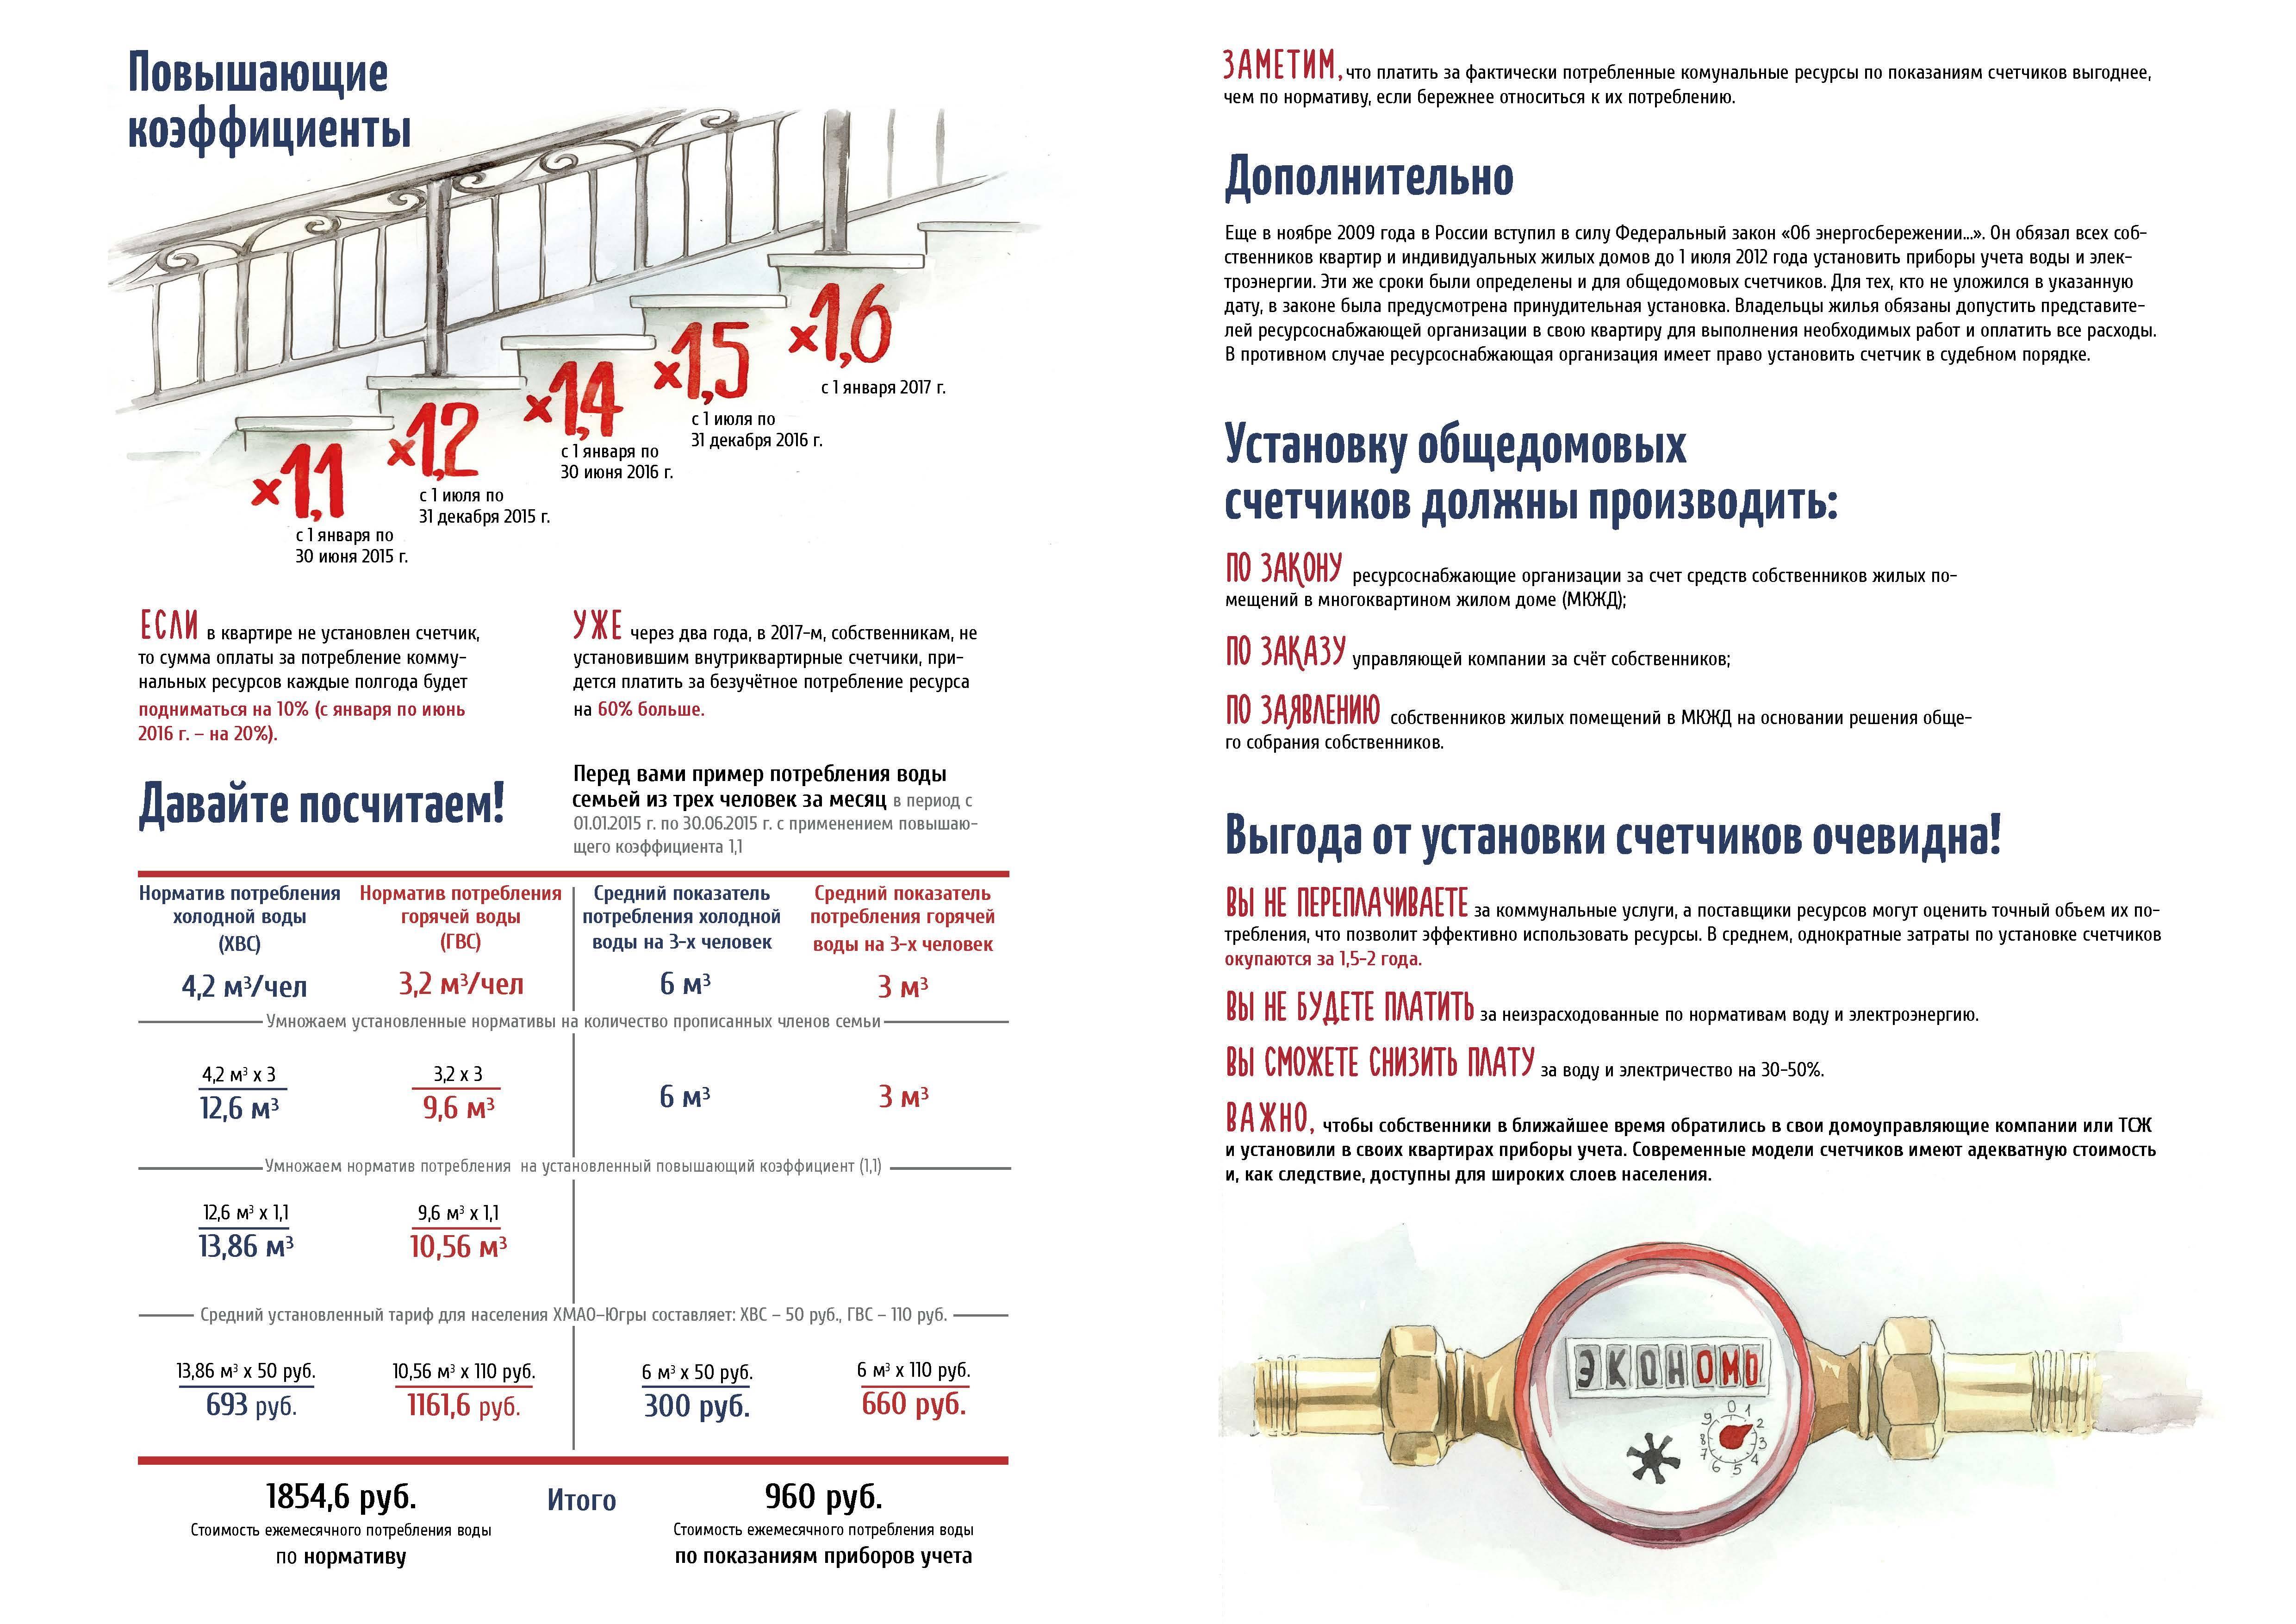 Оплата горячей воды: кому и когда вносить, нормативы, как правильно рассчитать, есть ли разница в начислениях по счетчику и без него